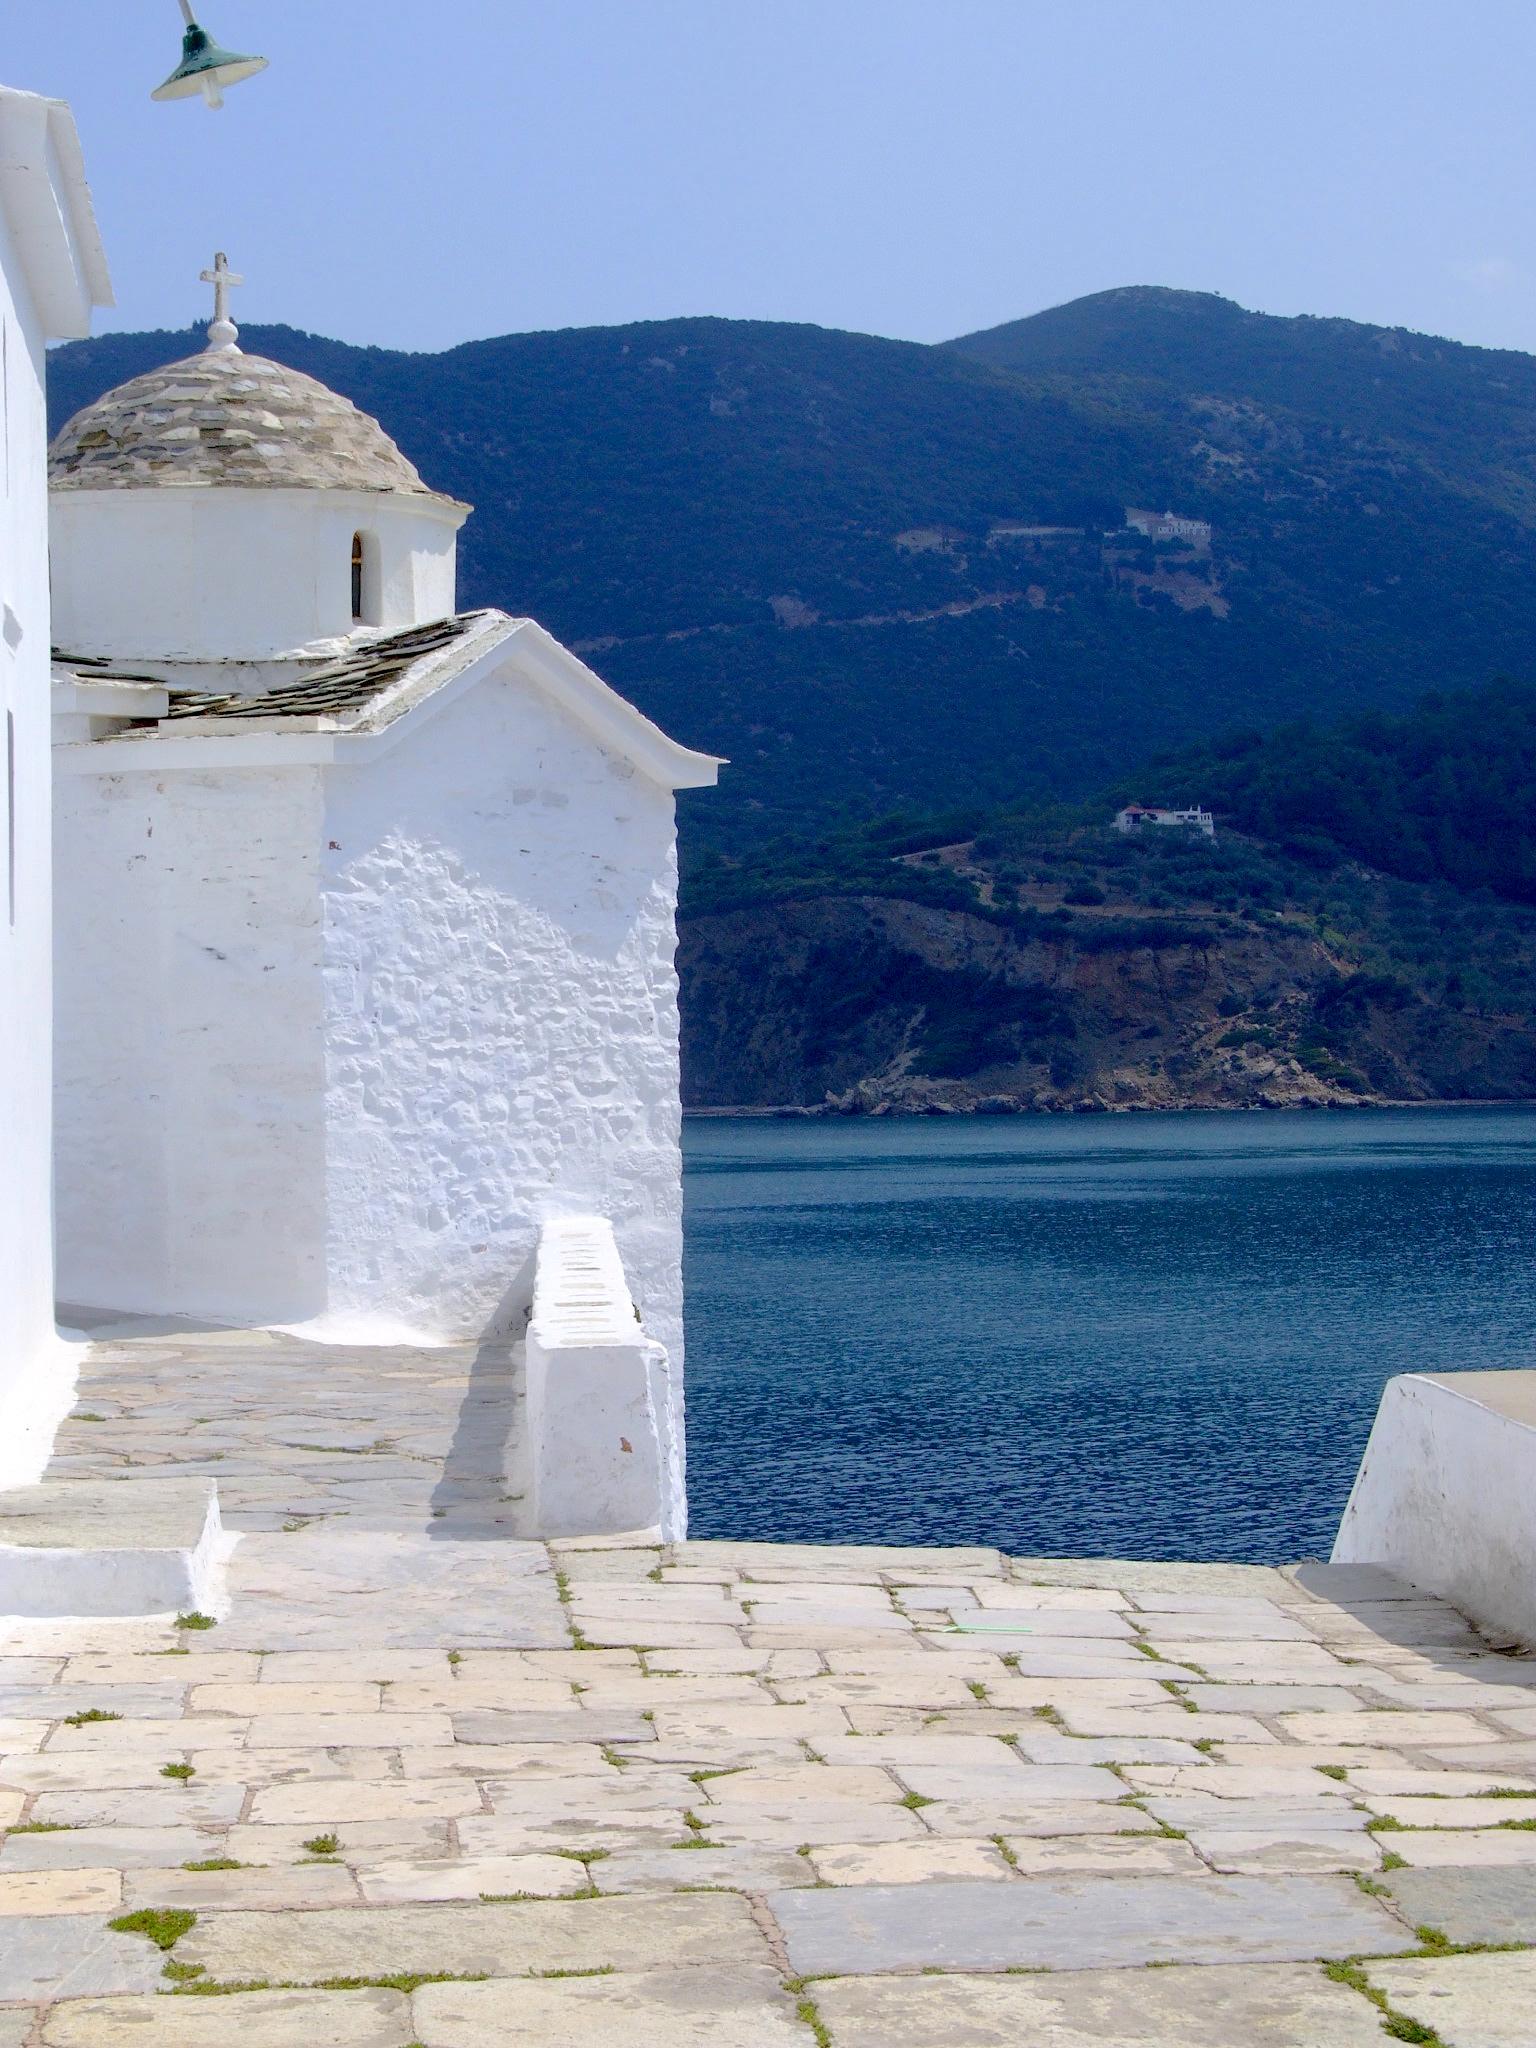 Chiesette greche a strapiombo sul mare